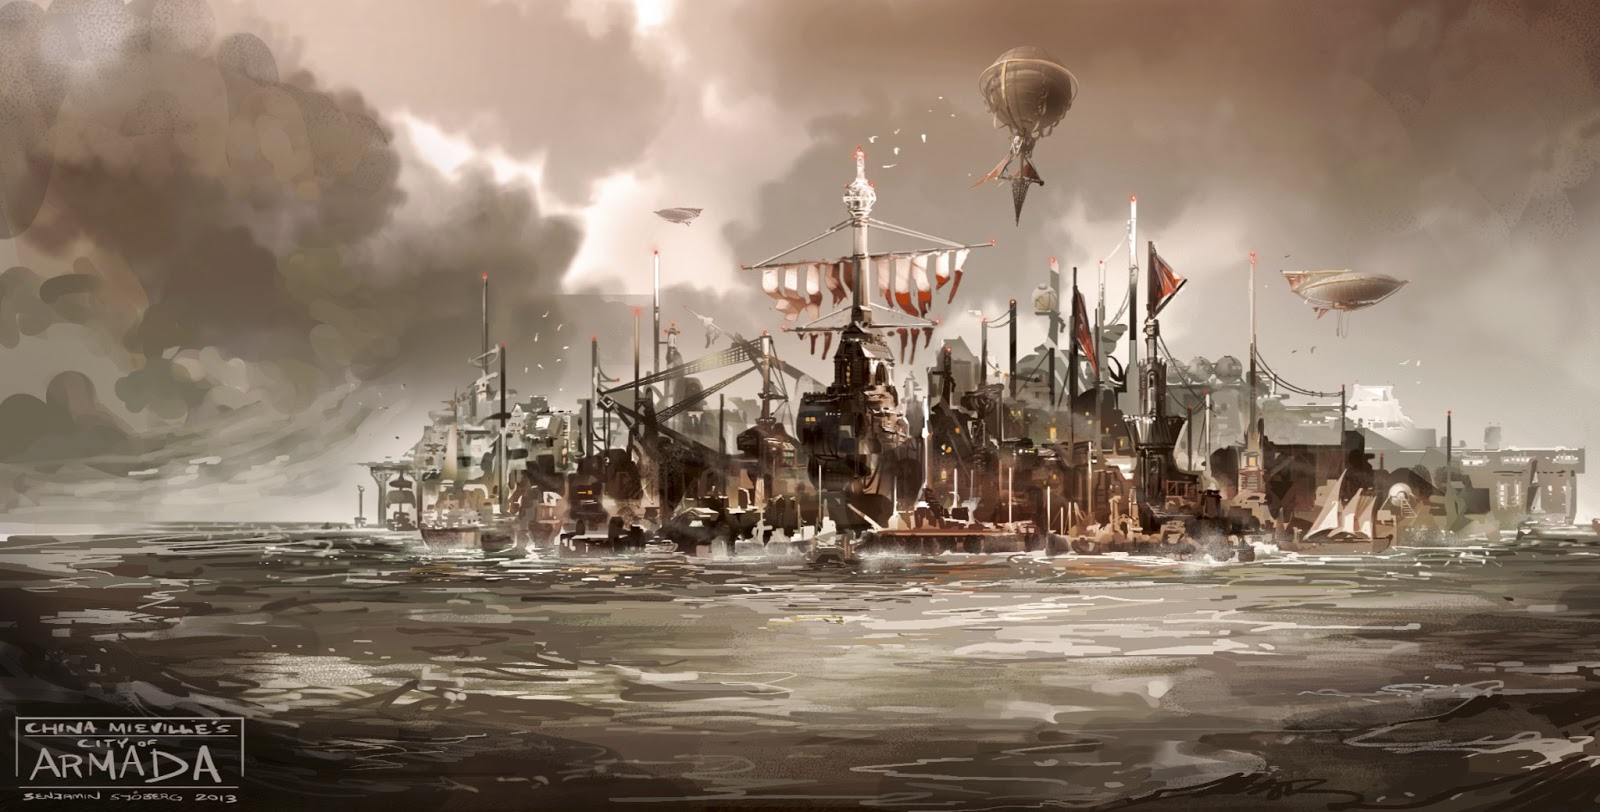 LK&MT: City of Armada